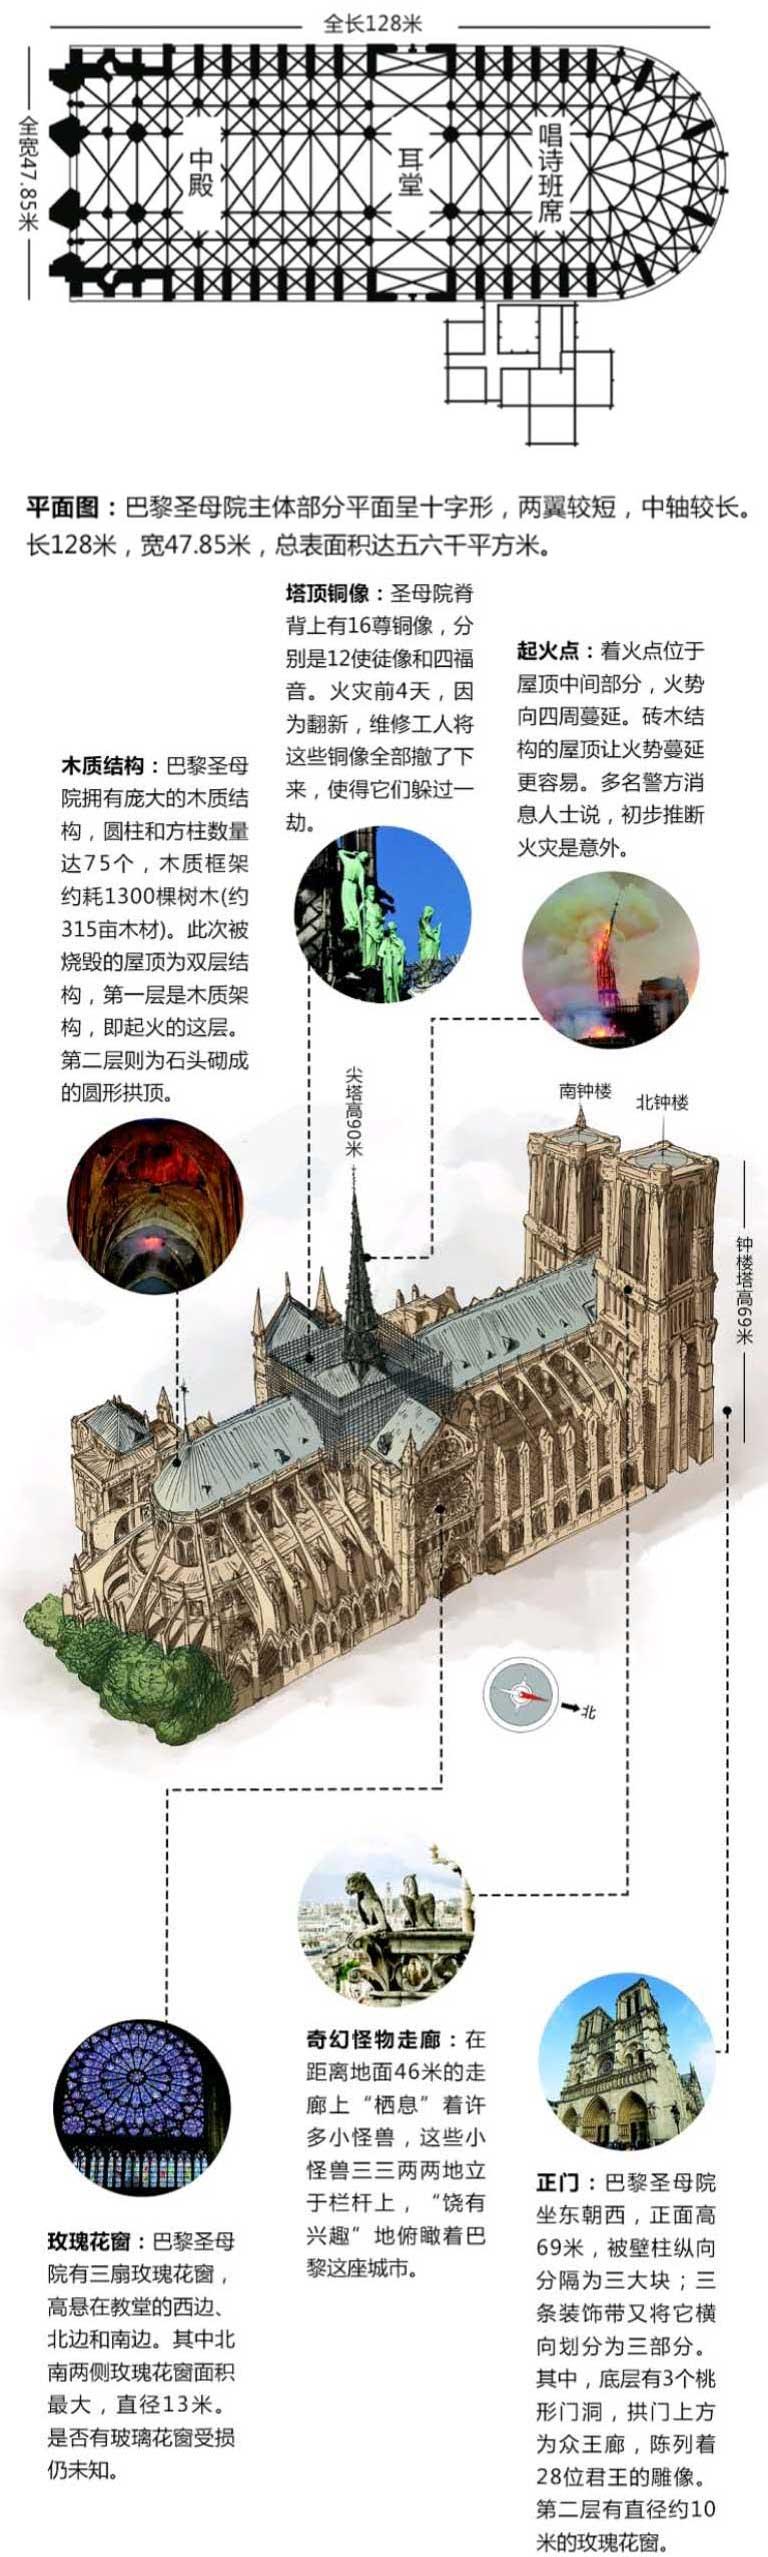 巴黎圣母院的火让雨果也上了热搜